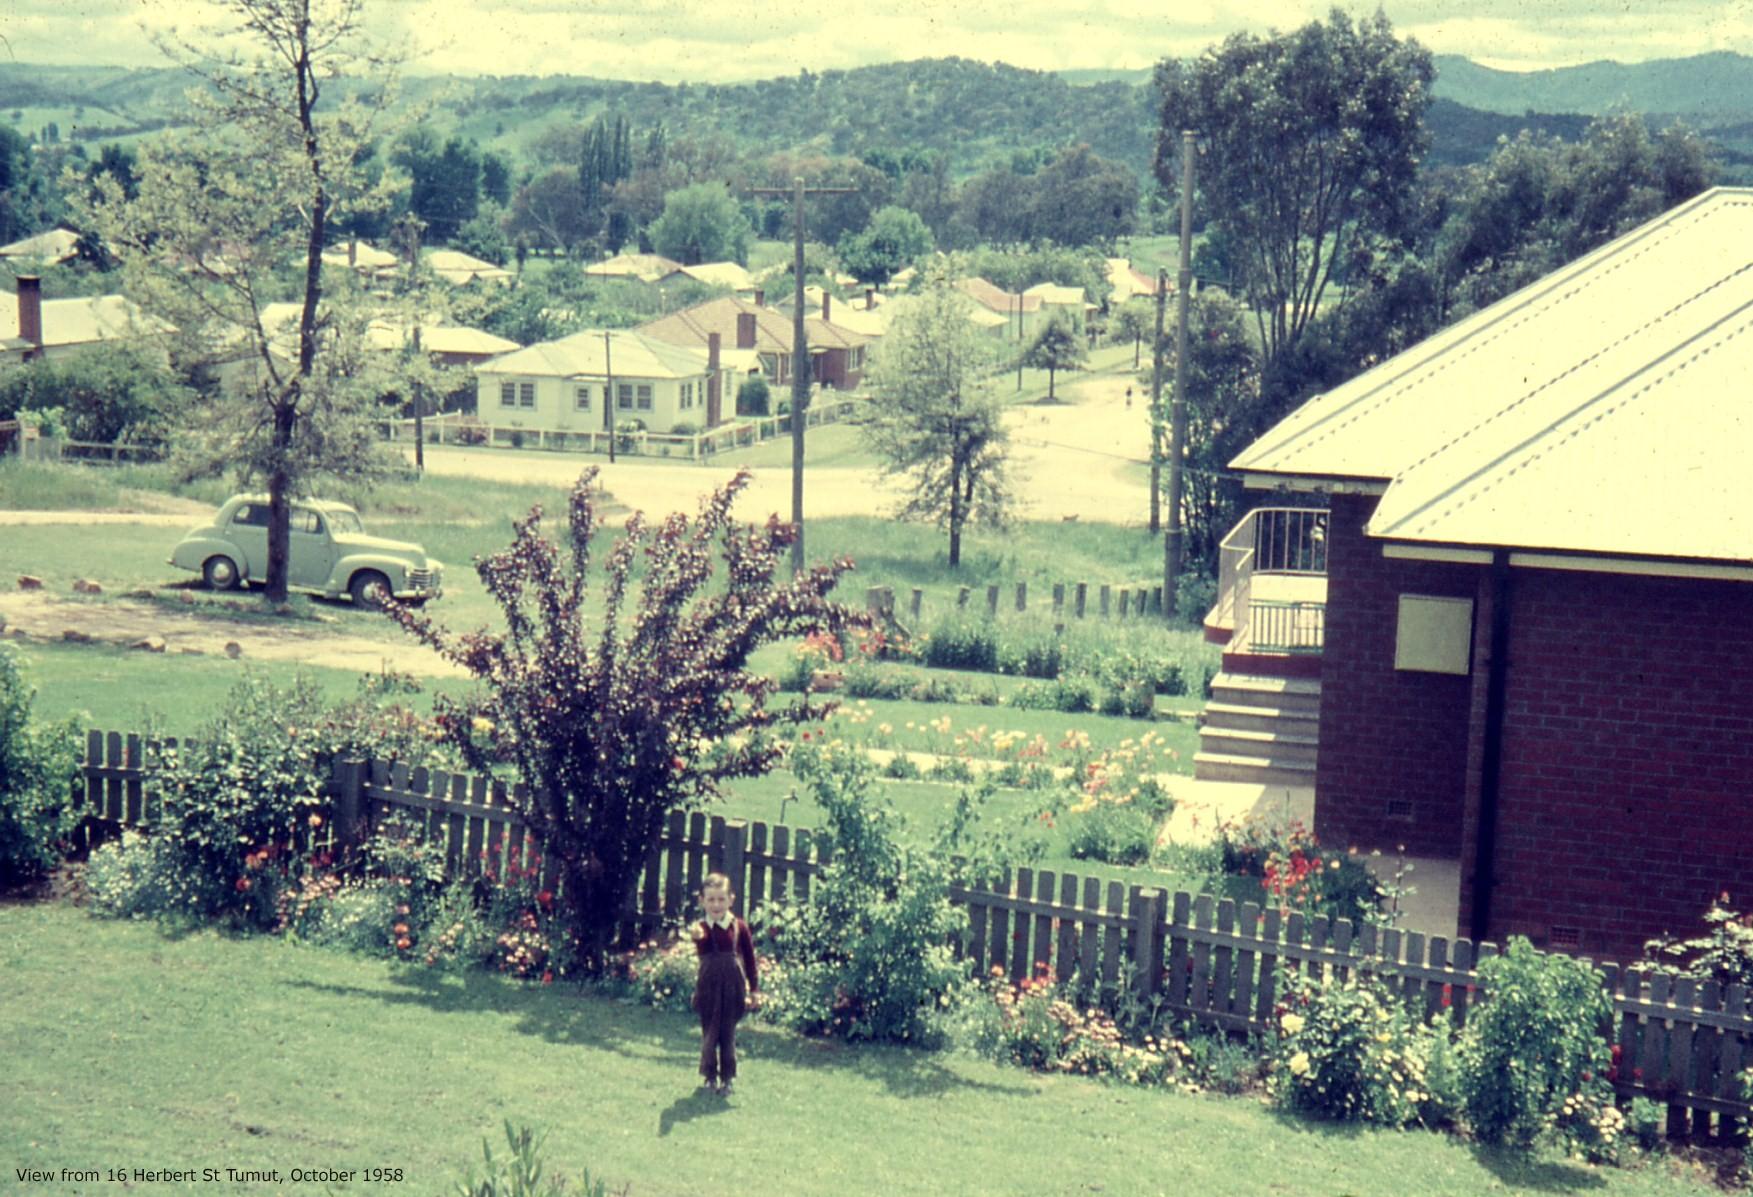 bonnor-Herbert St view 1958